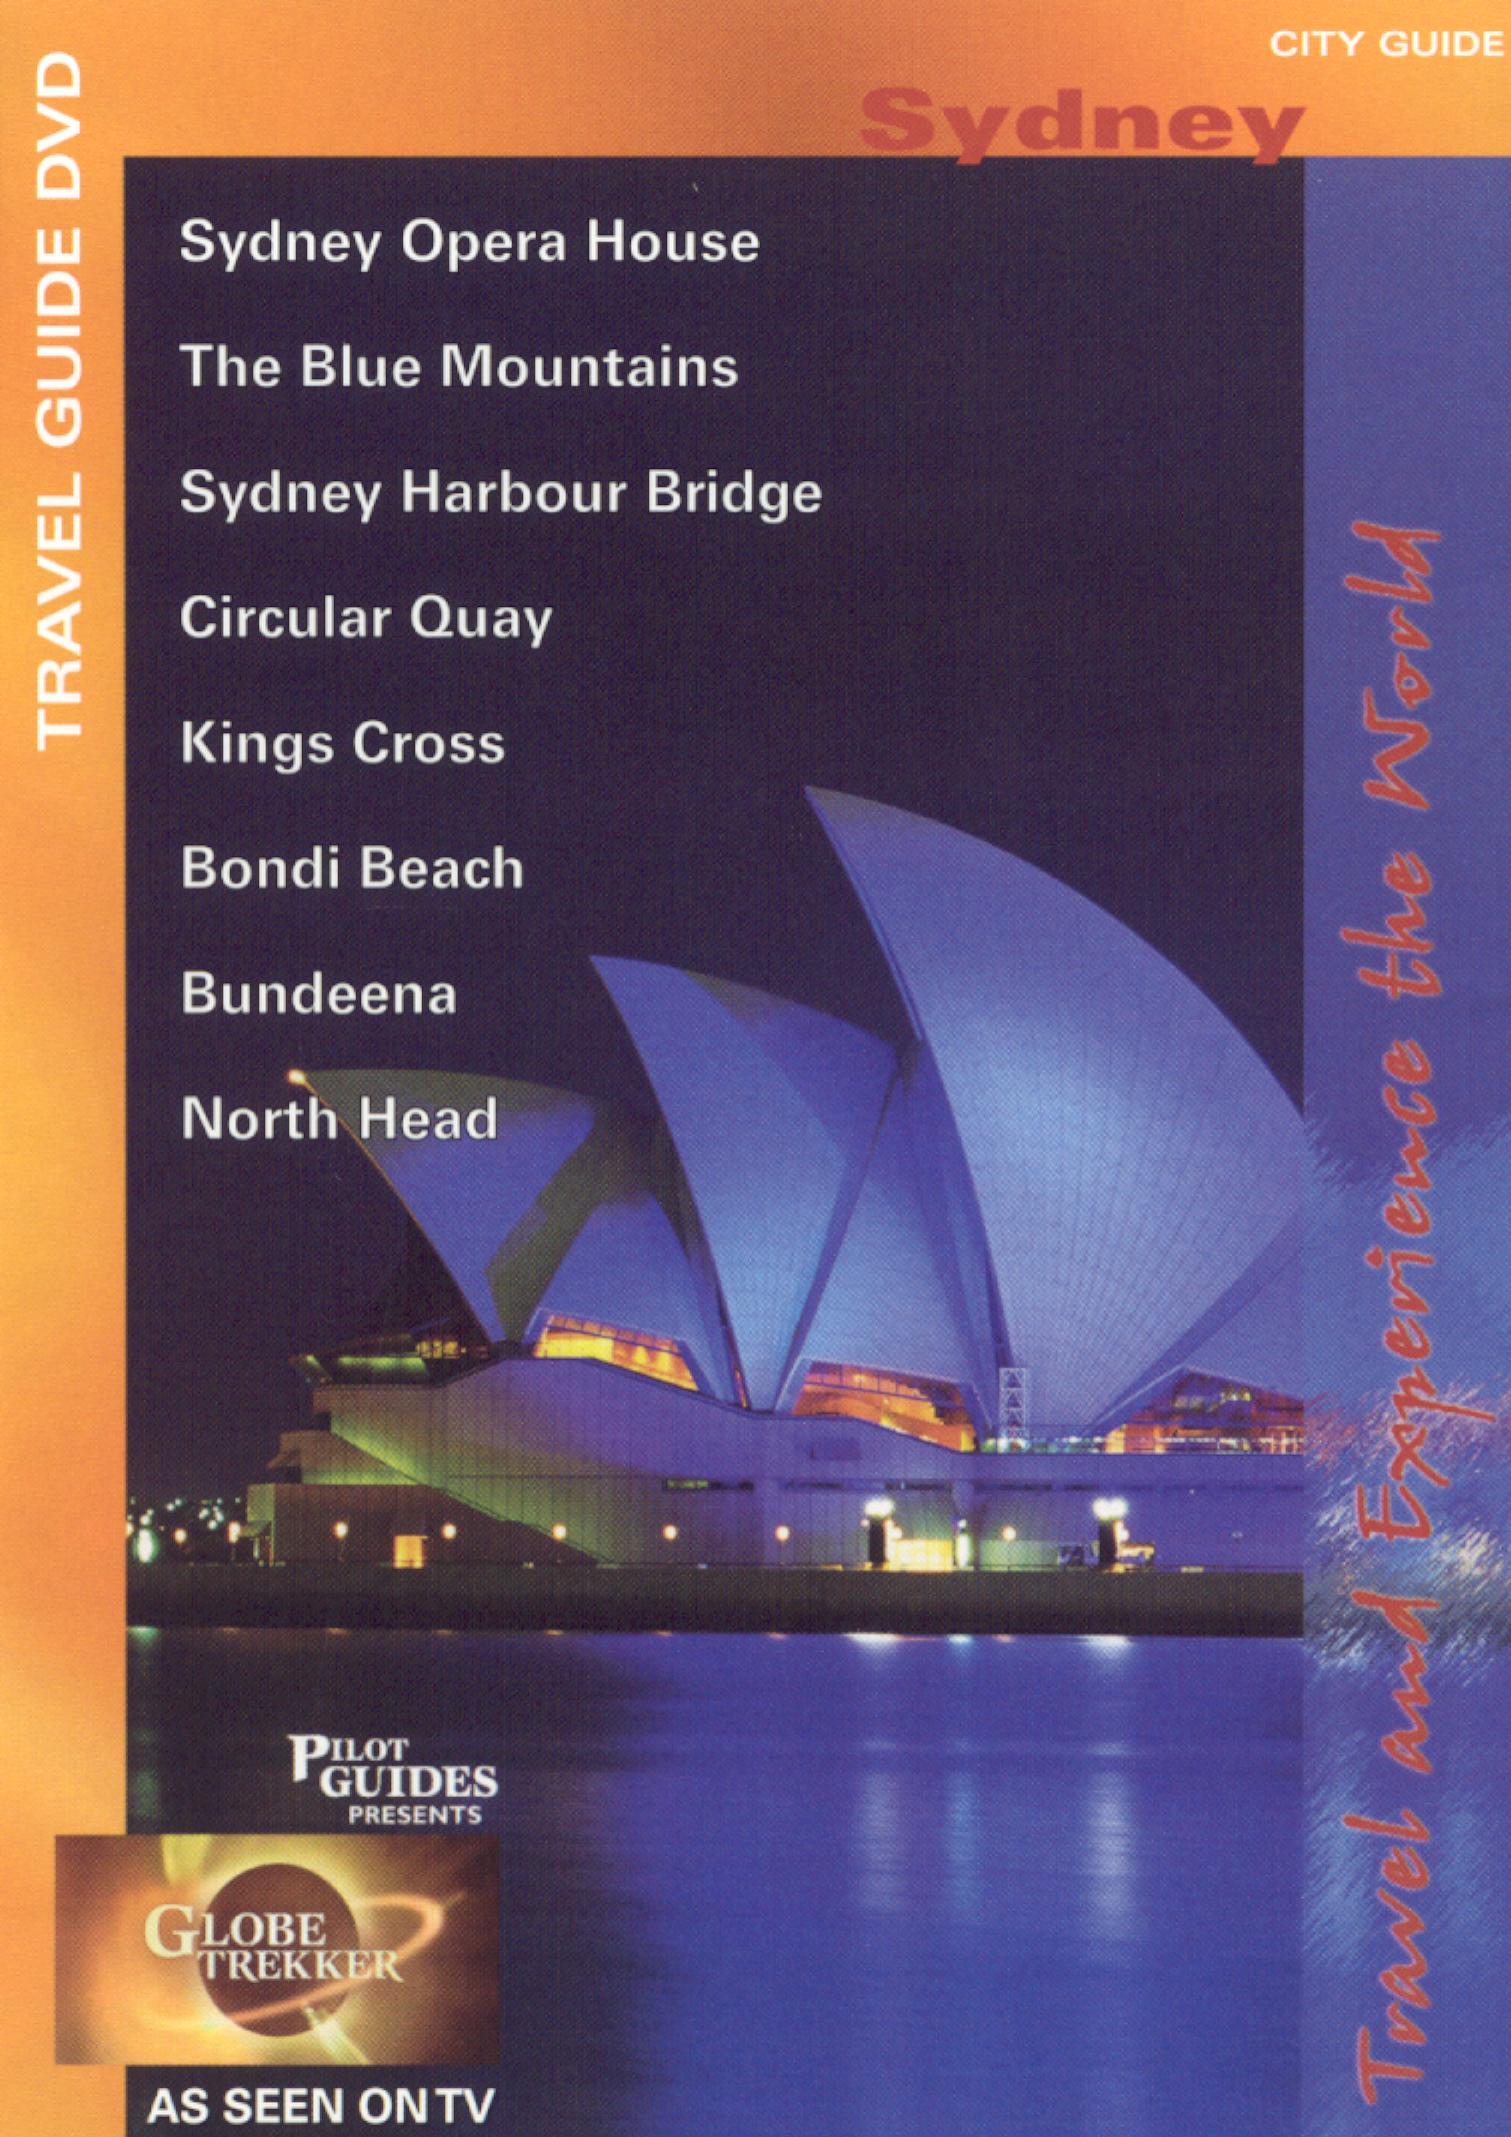 Globe Trekker: Sydney City Guide